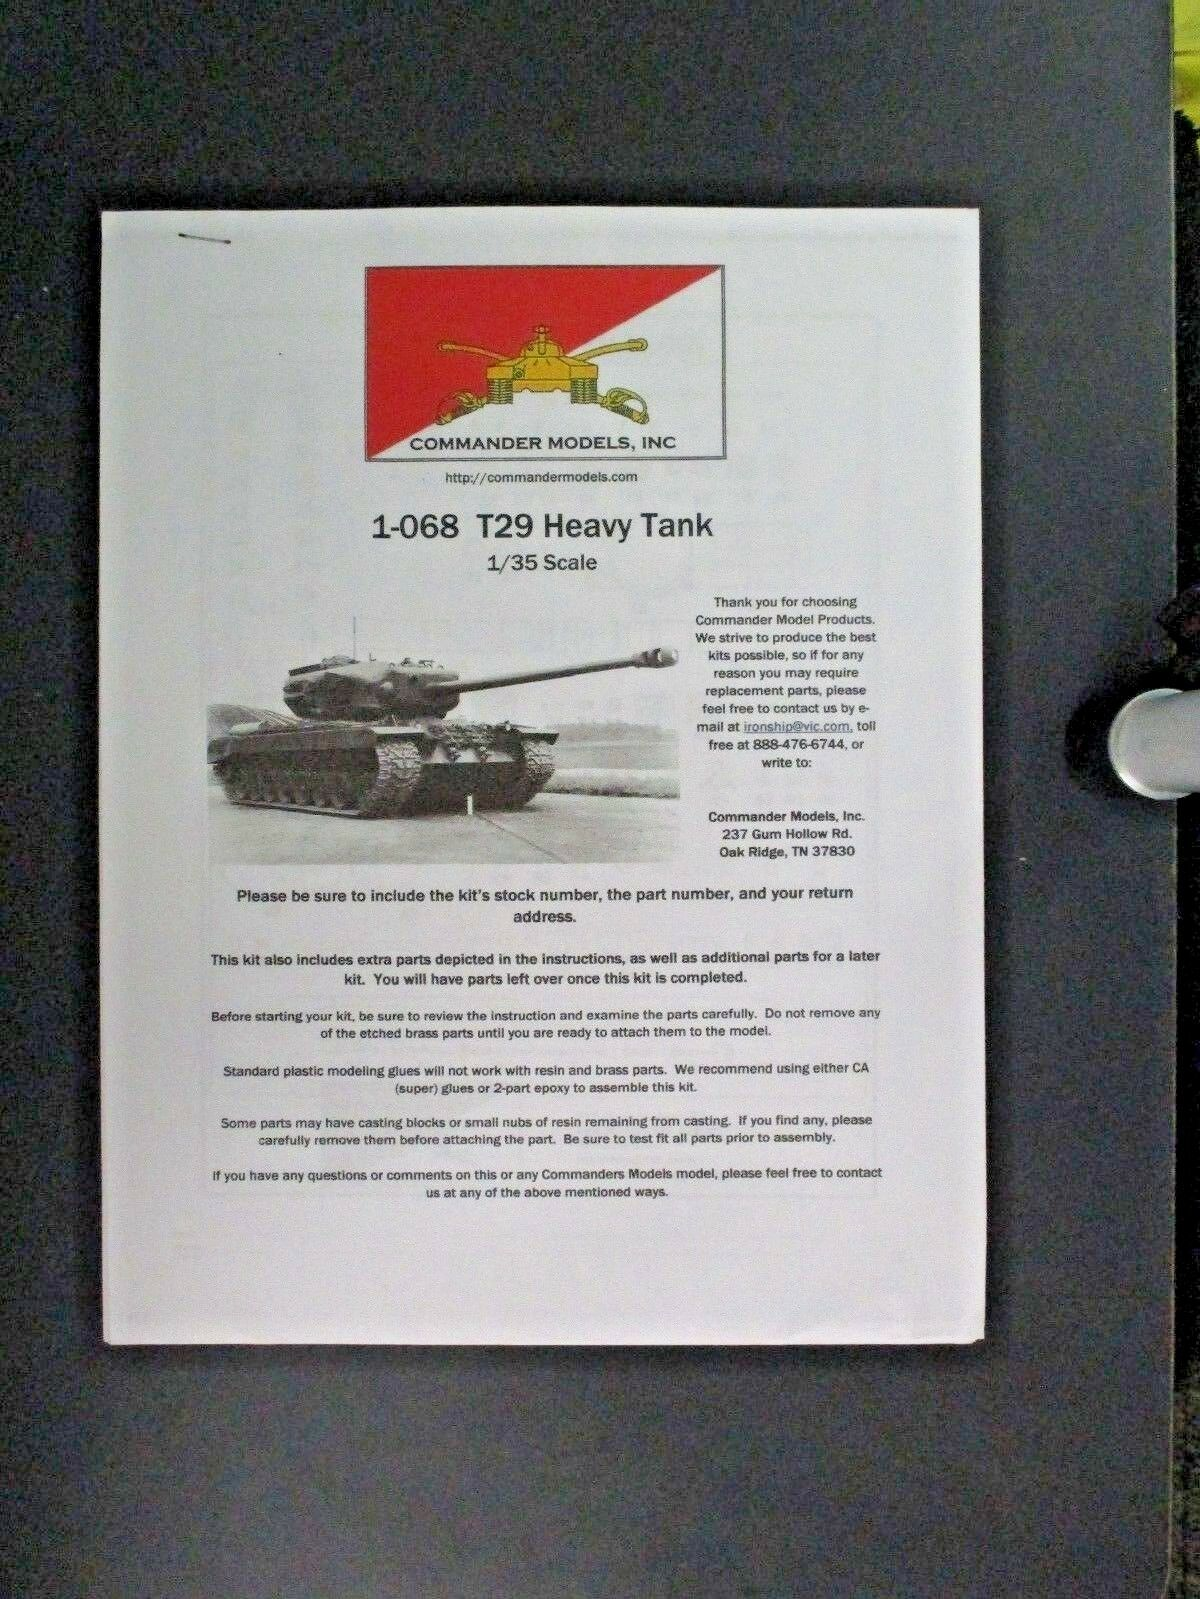 Befälhavare modellllerler 1  35th skala hkonsts US T -29 Heavy Tank Kit nr. 1 -068